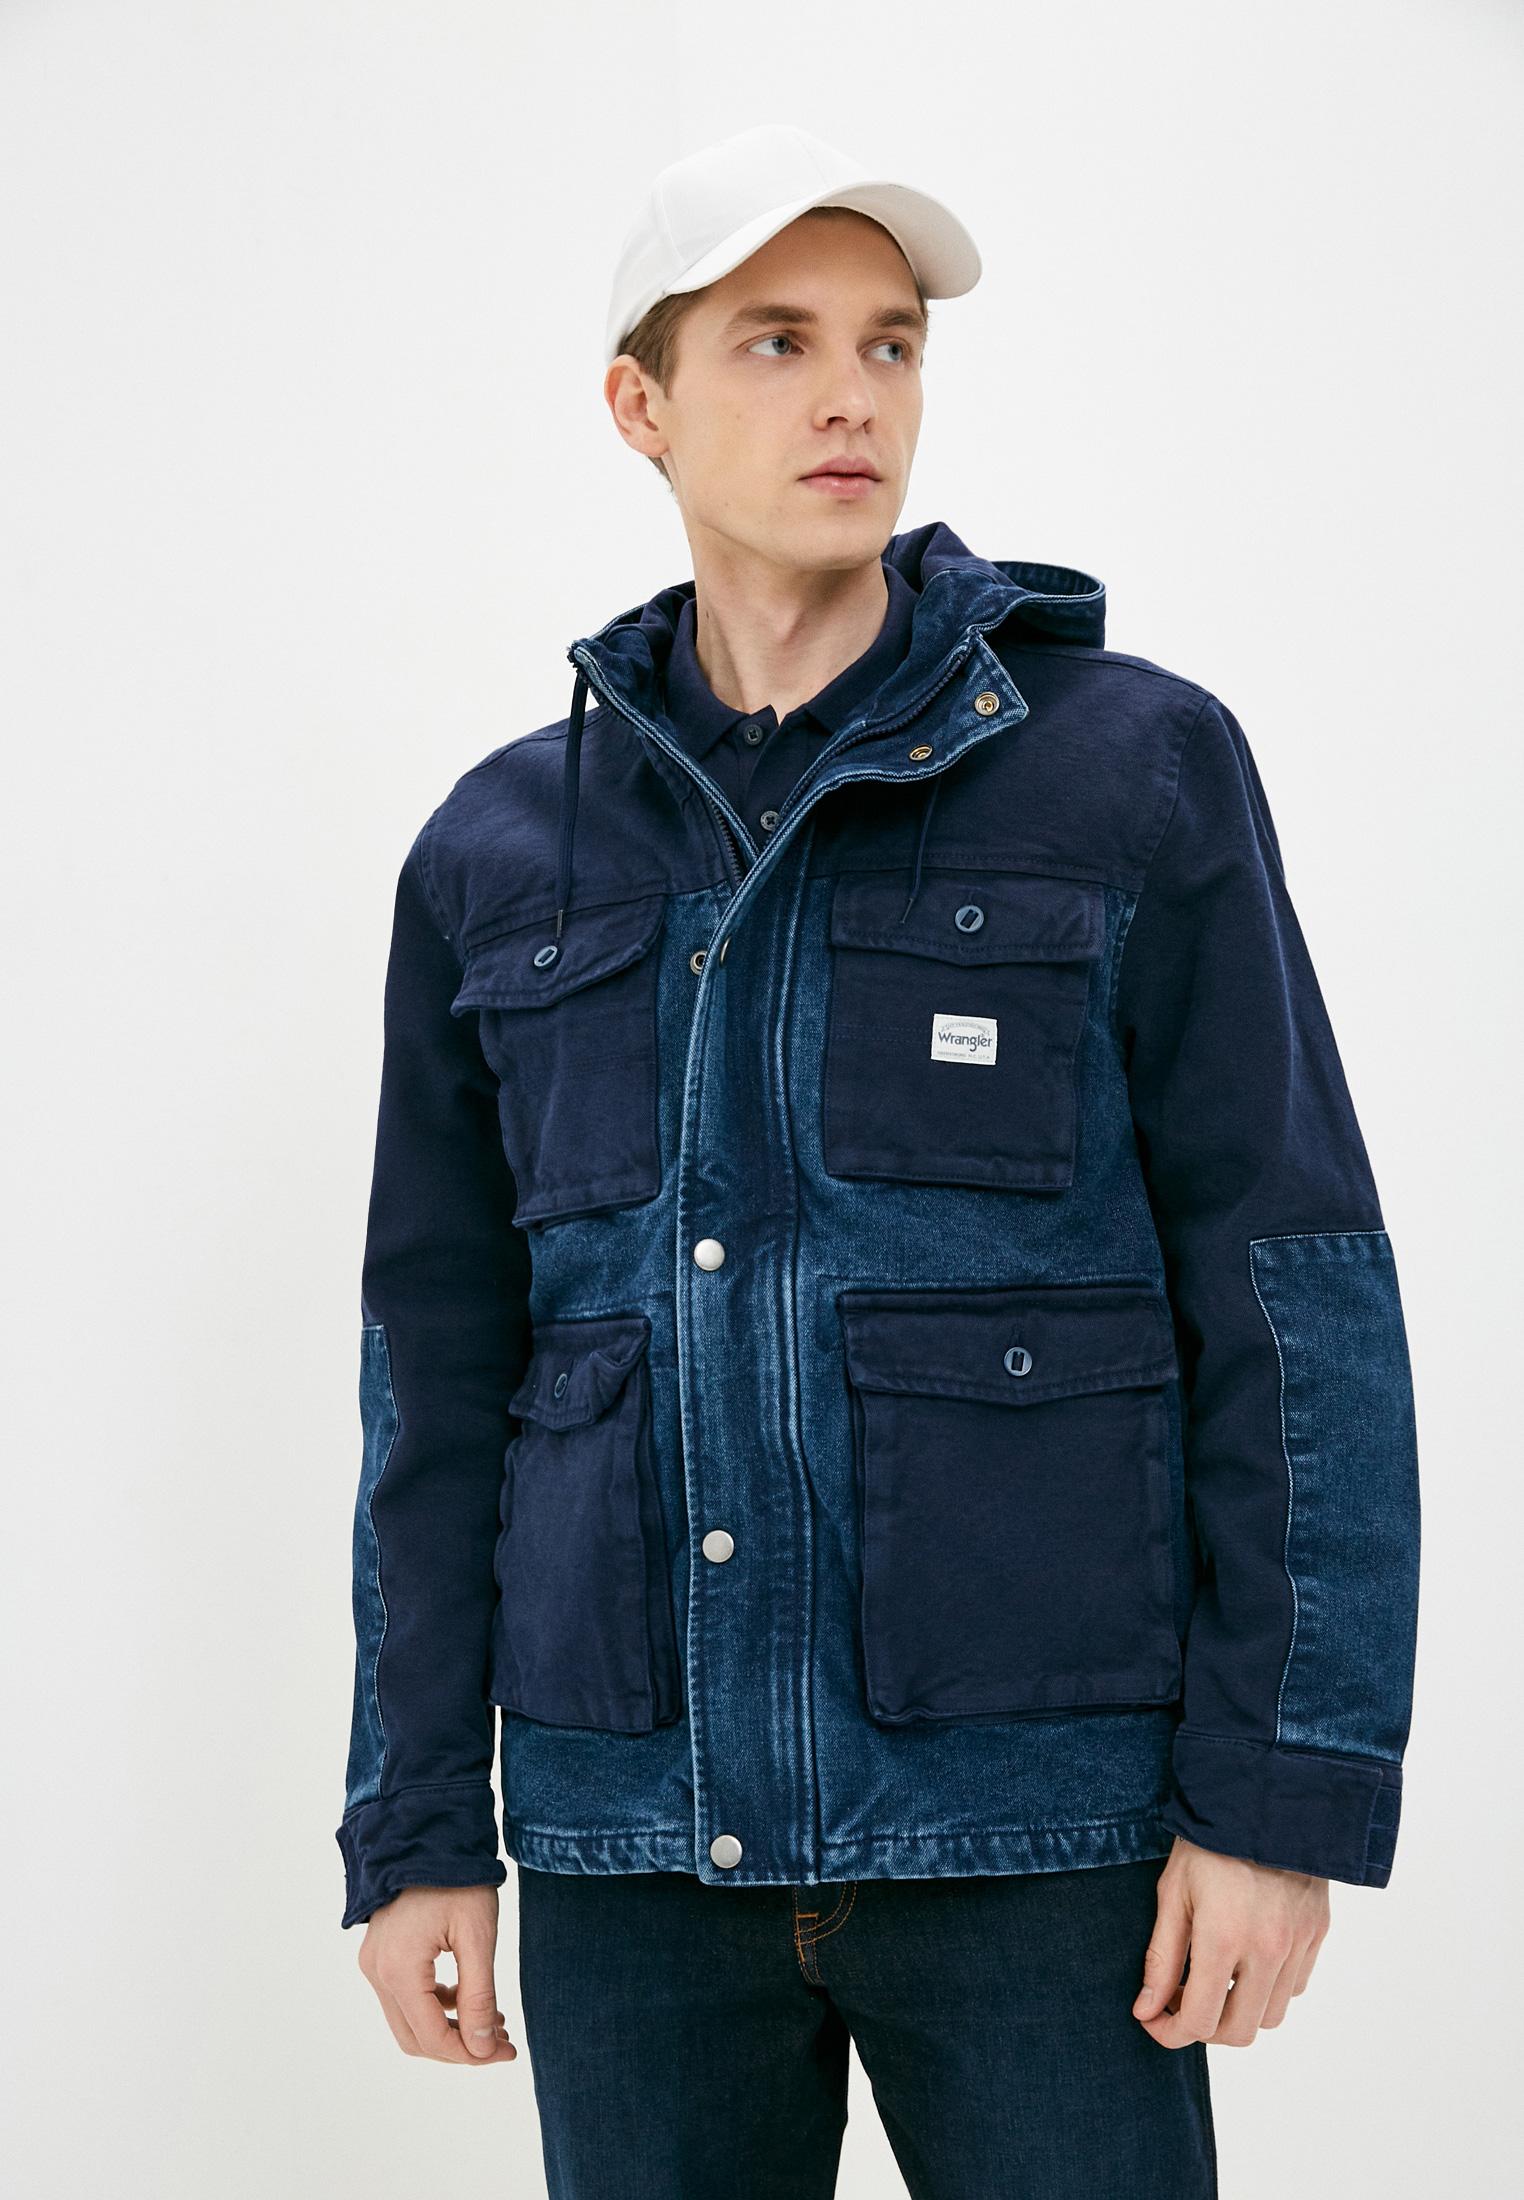 Джинсовая куртка Wrangler (Вранглер) Куртка джинсовая Wrangler